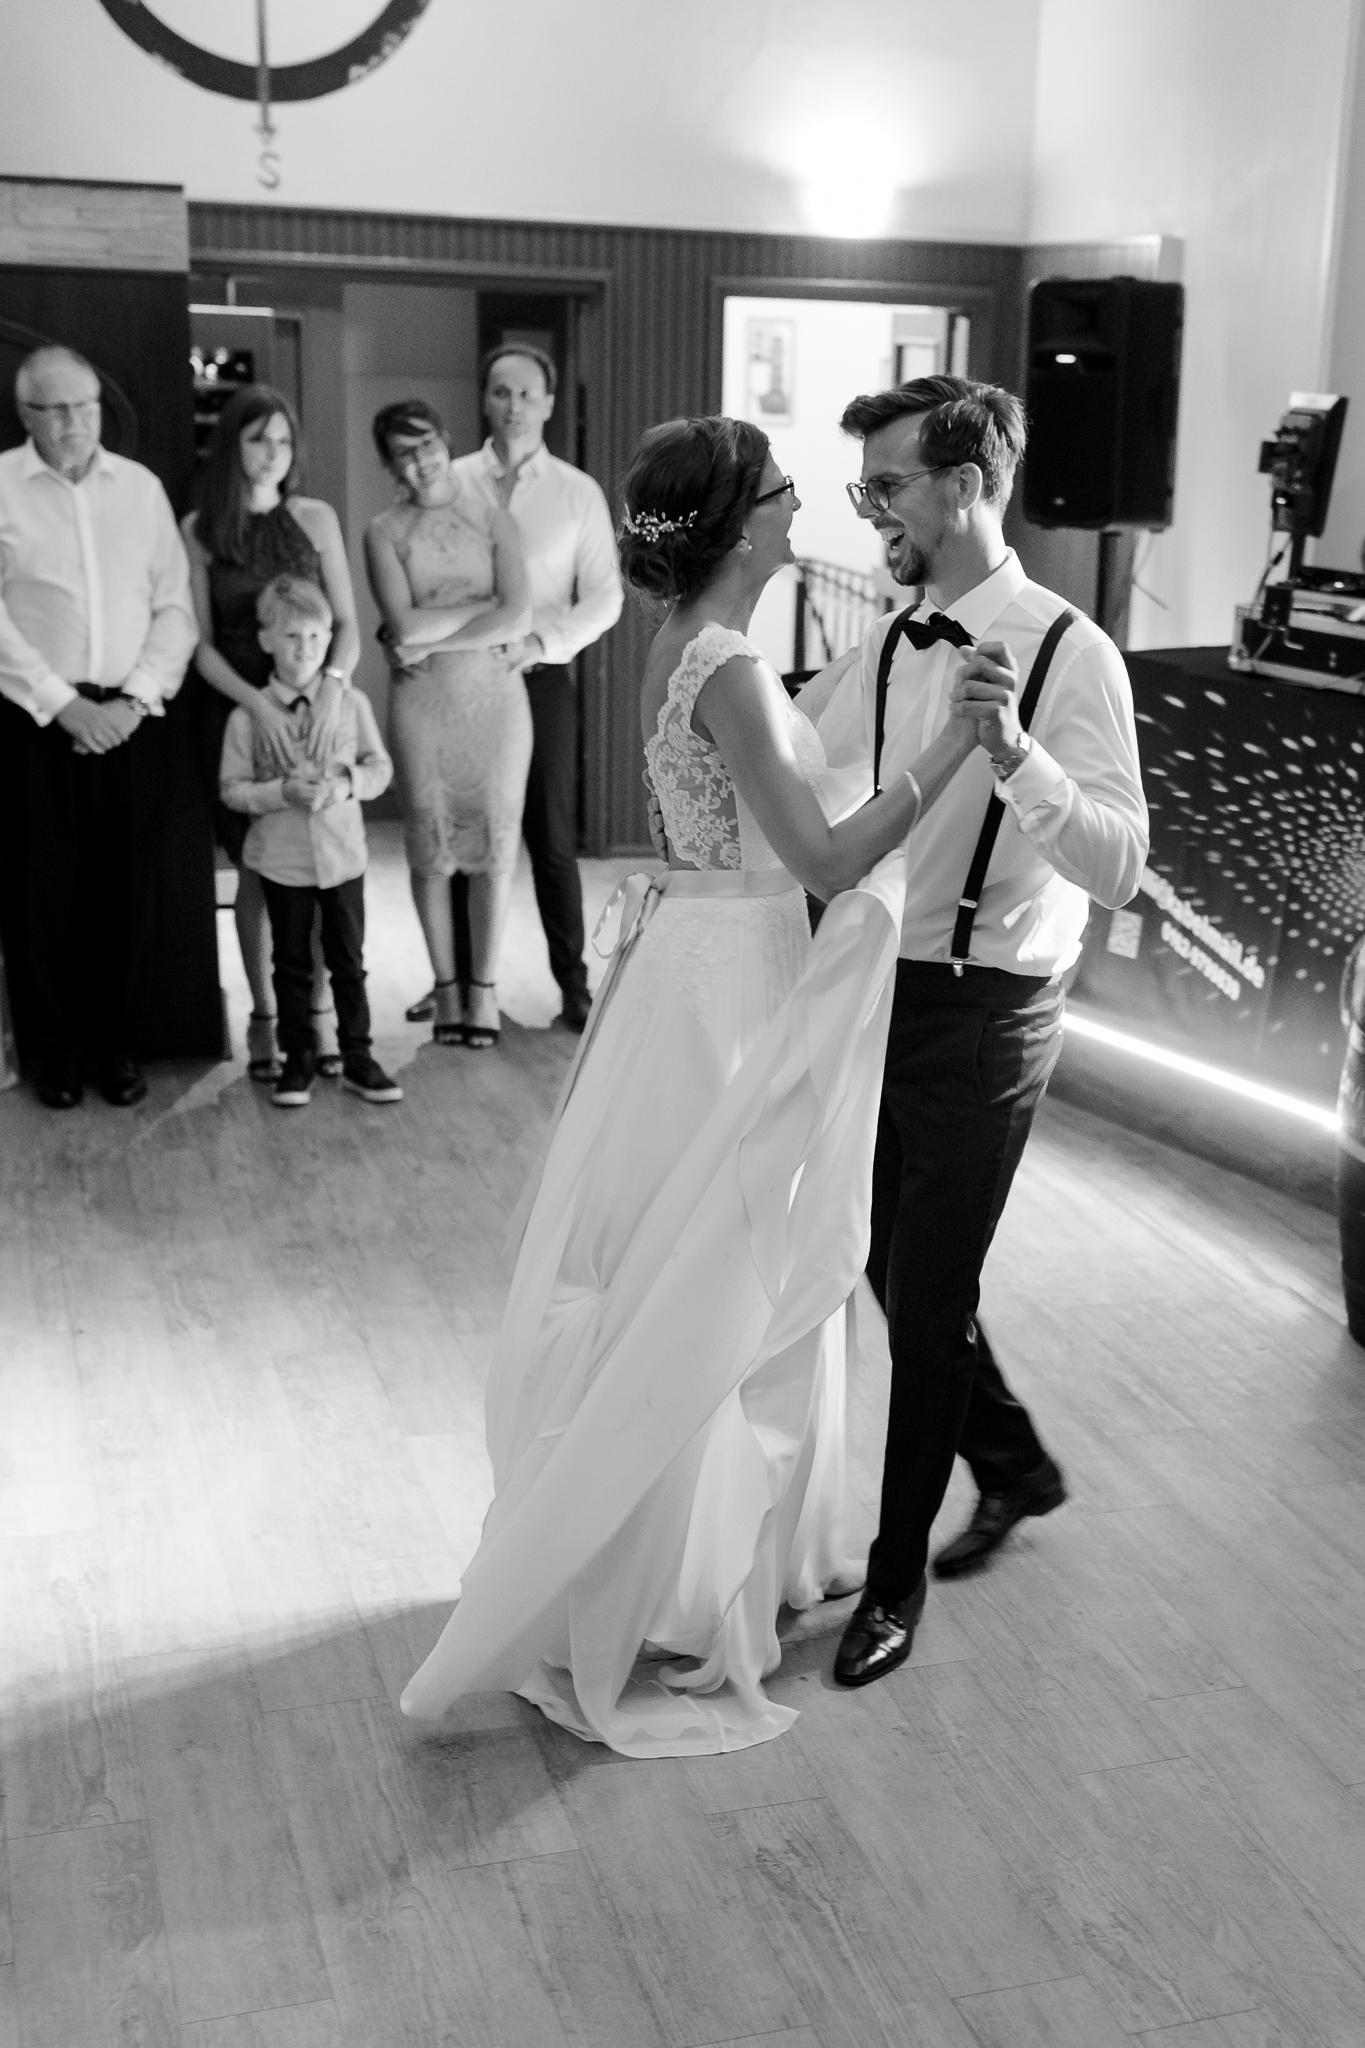 Hohzeitsfotograf Cuxhaven - der Eröffnungstanz beendet die Hochzeitsreportage